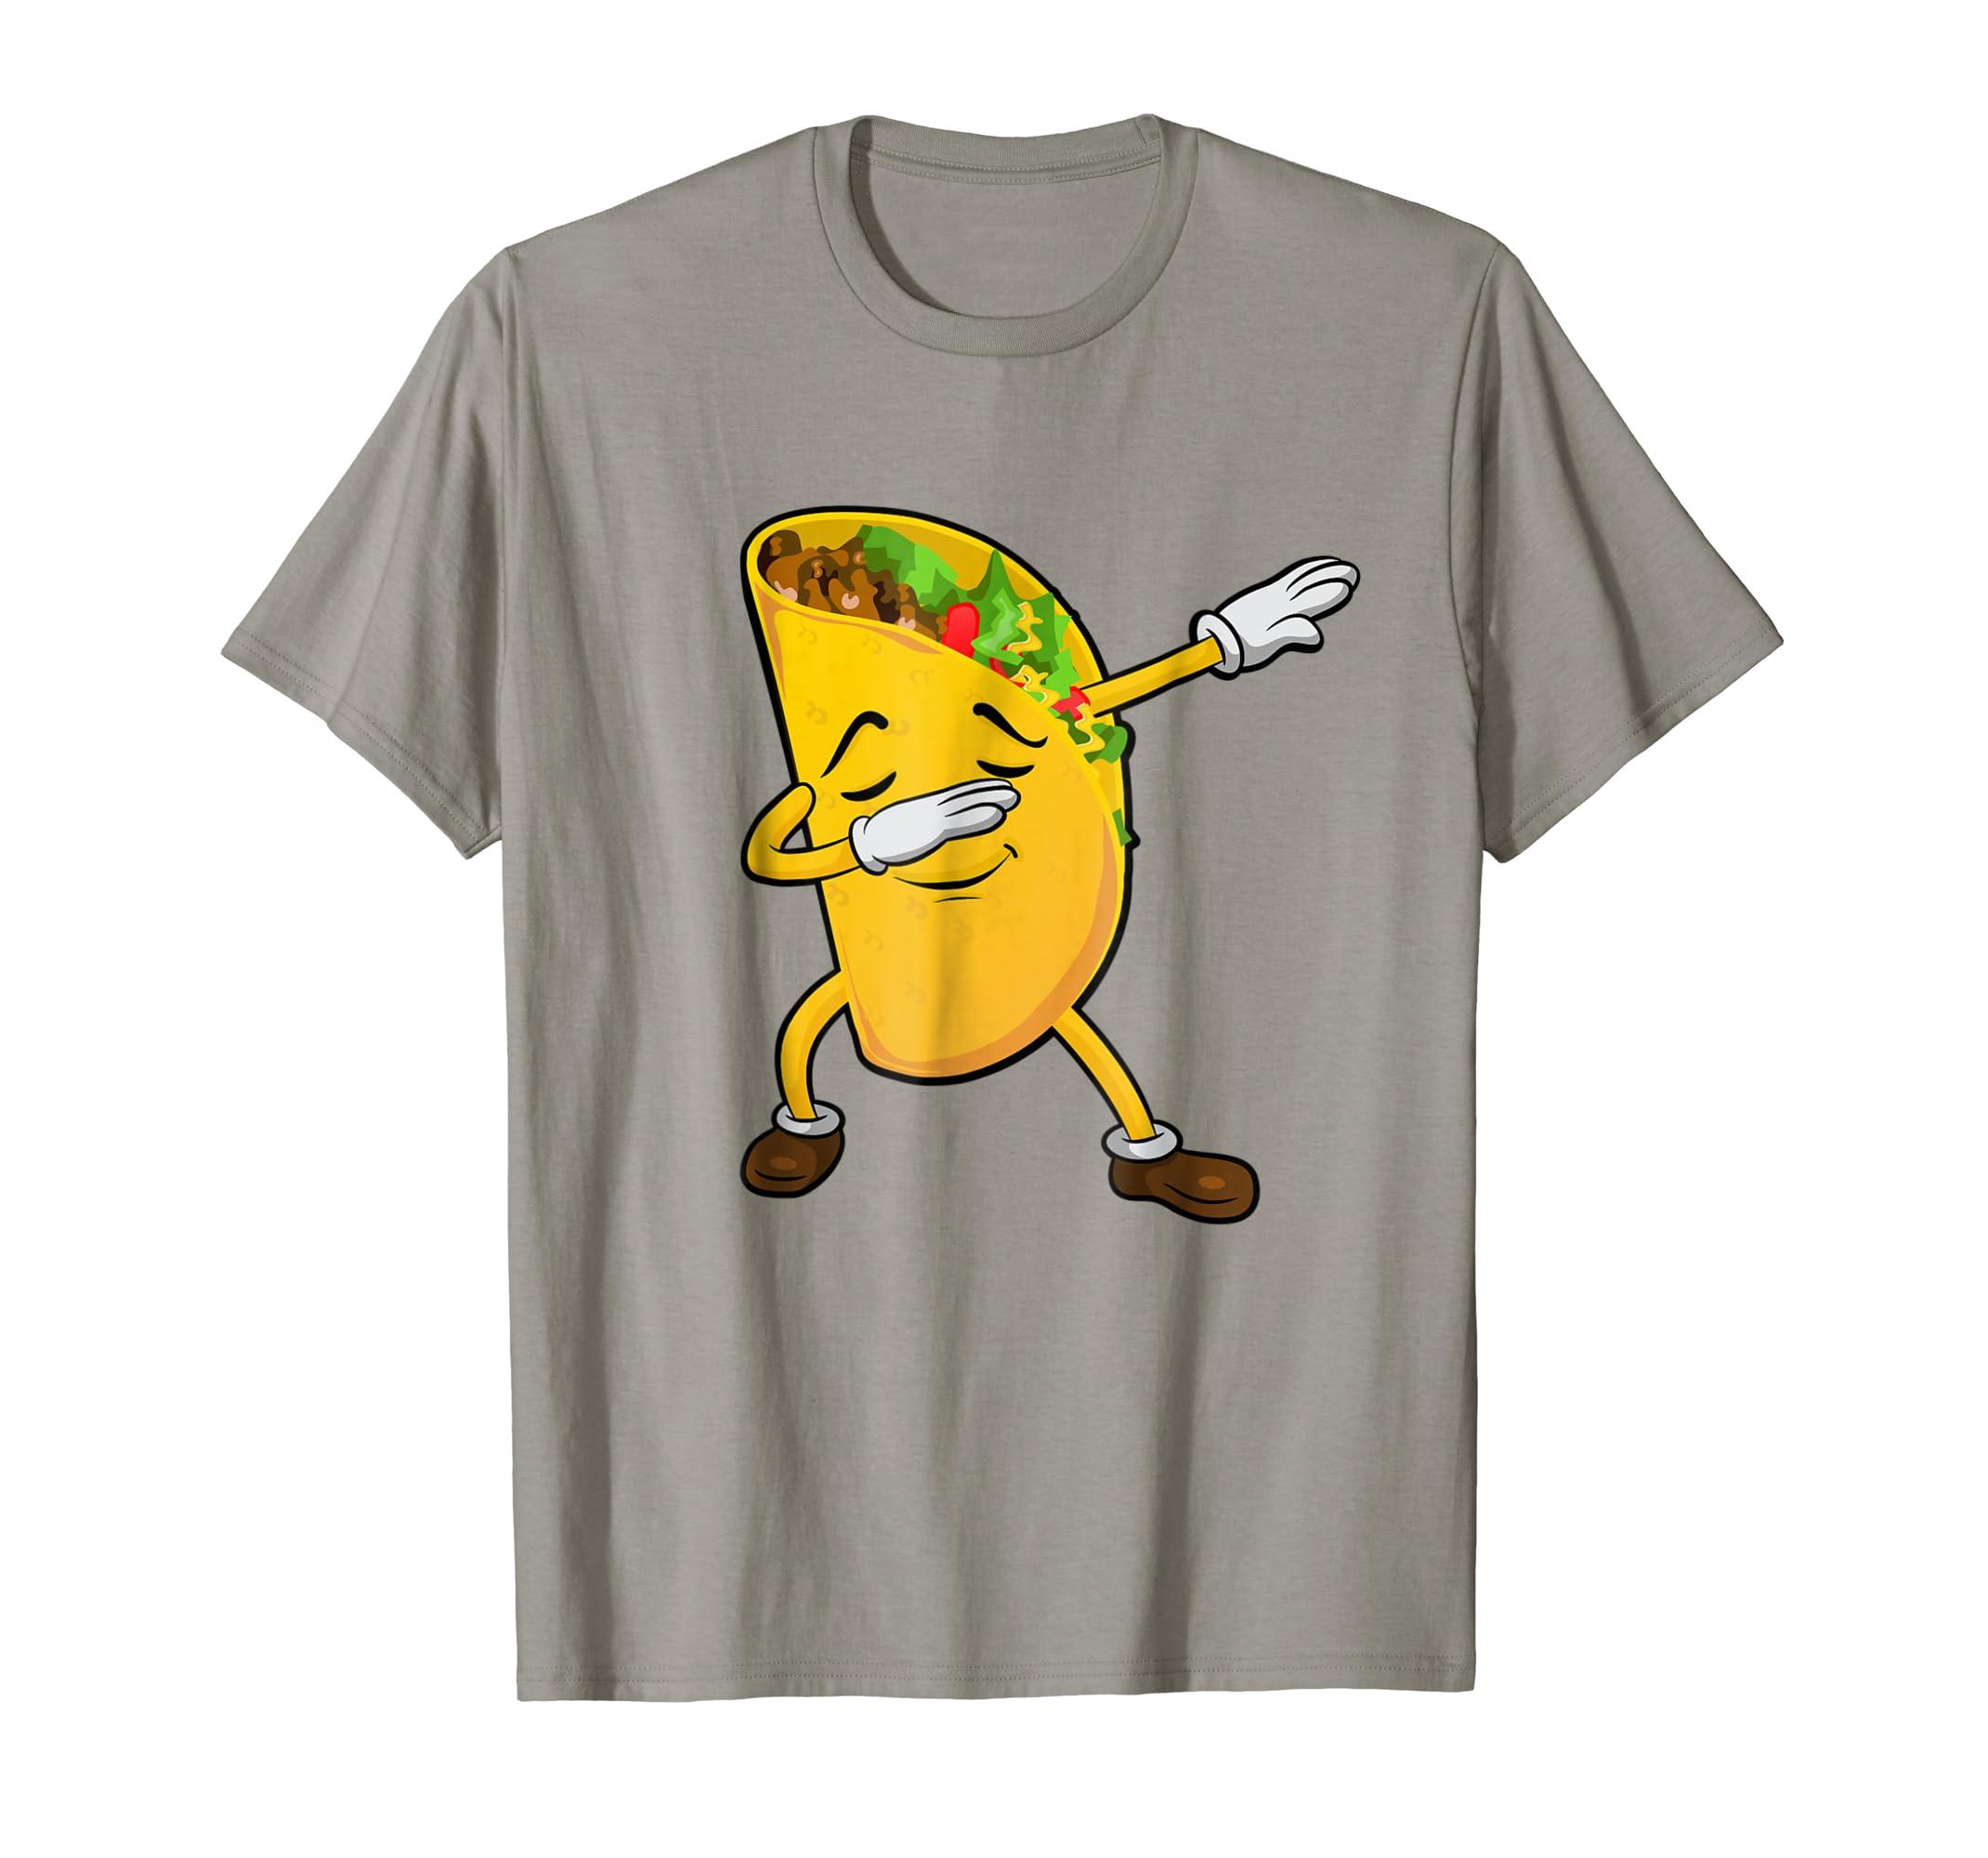 a06ce257 Amazon.com: Dabbing Taco Shirt Cinco de Mayo Shirt Men Women Kids Tee:  Clothing